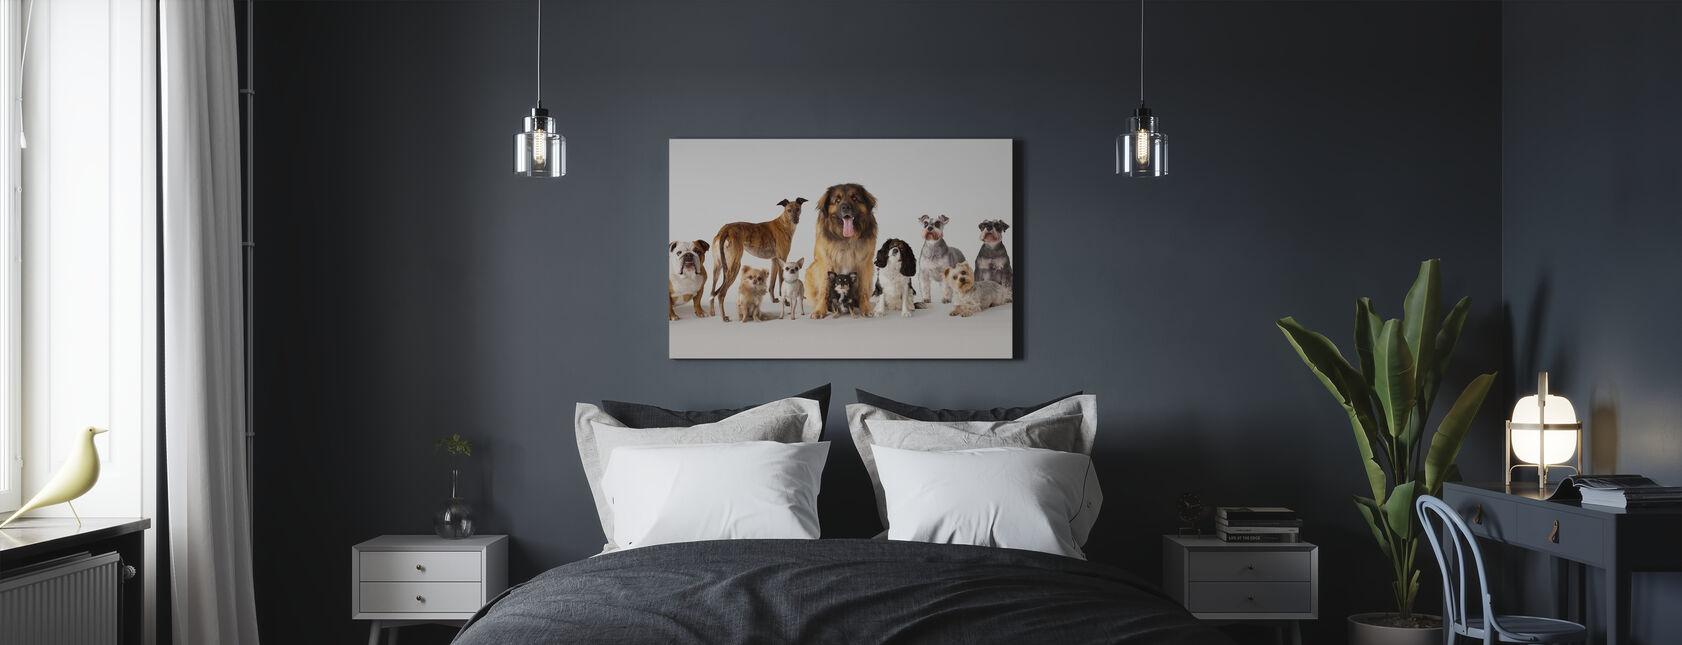 Groepportret van Honden - Canvas print - Slaapkamer